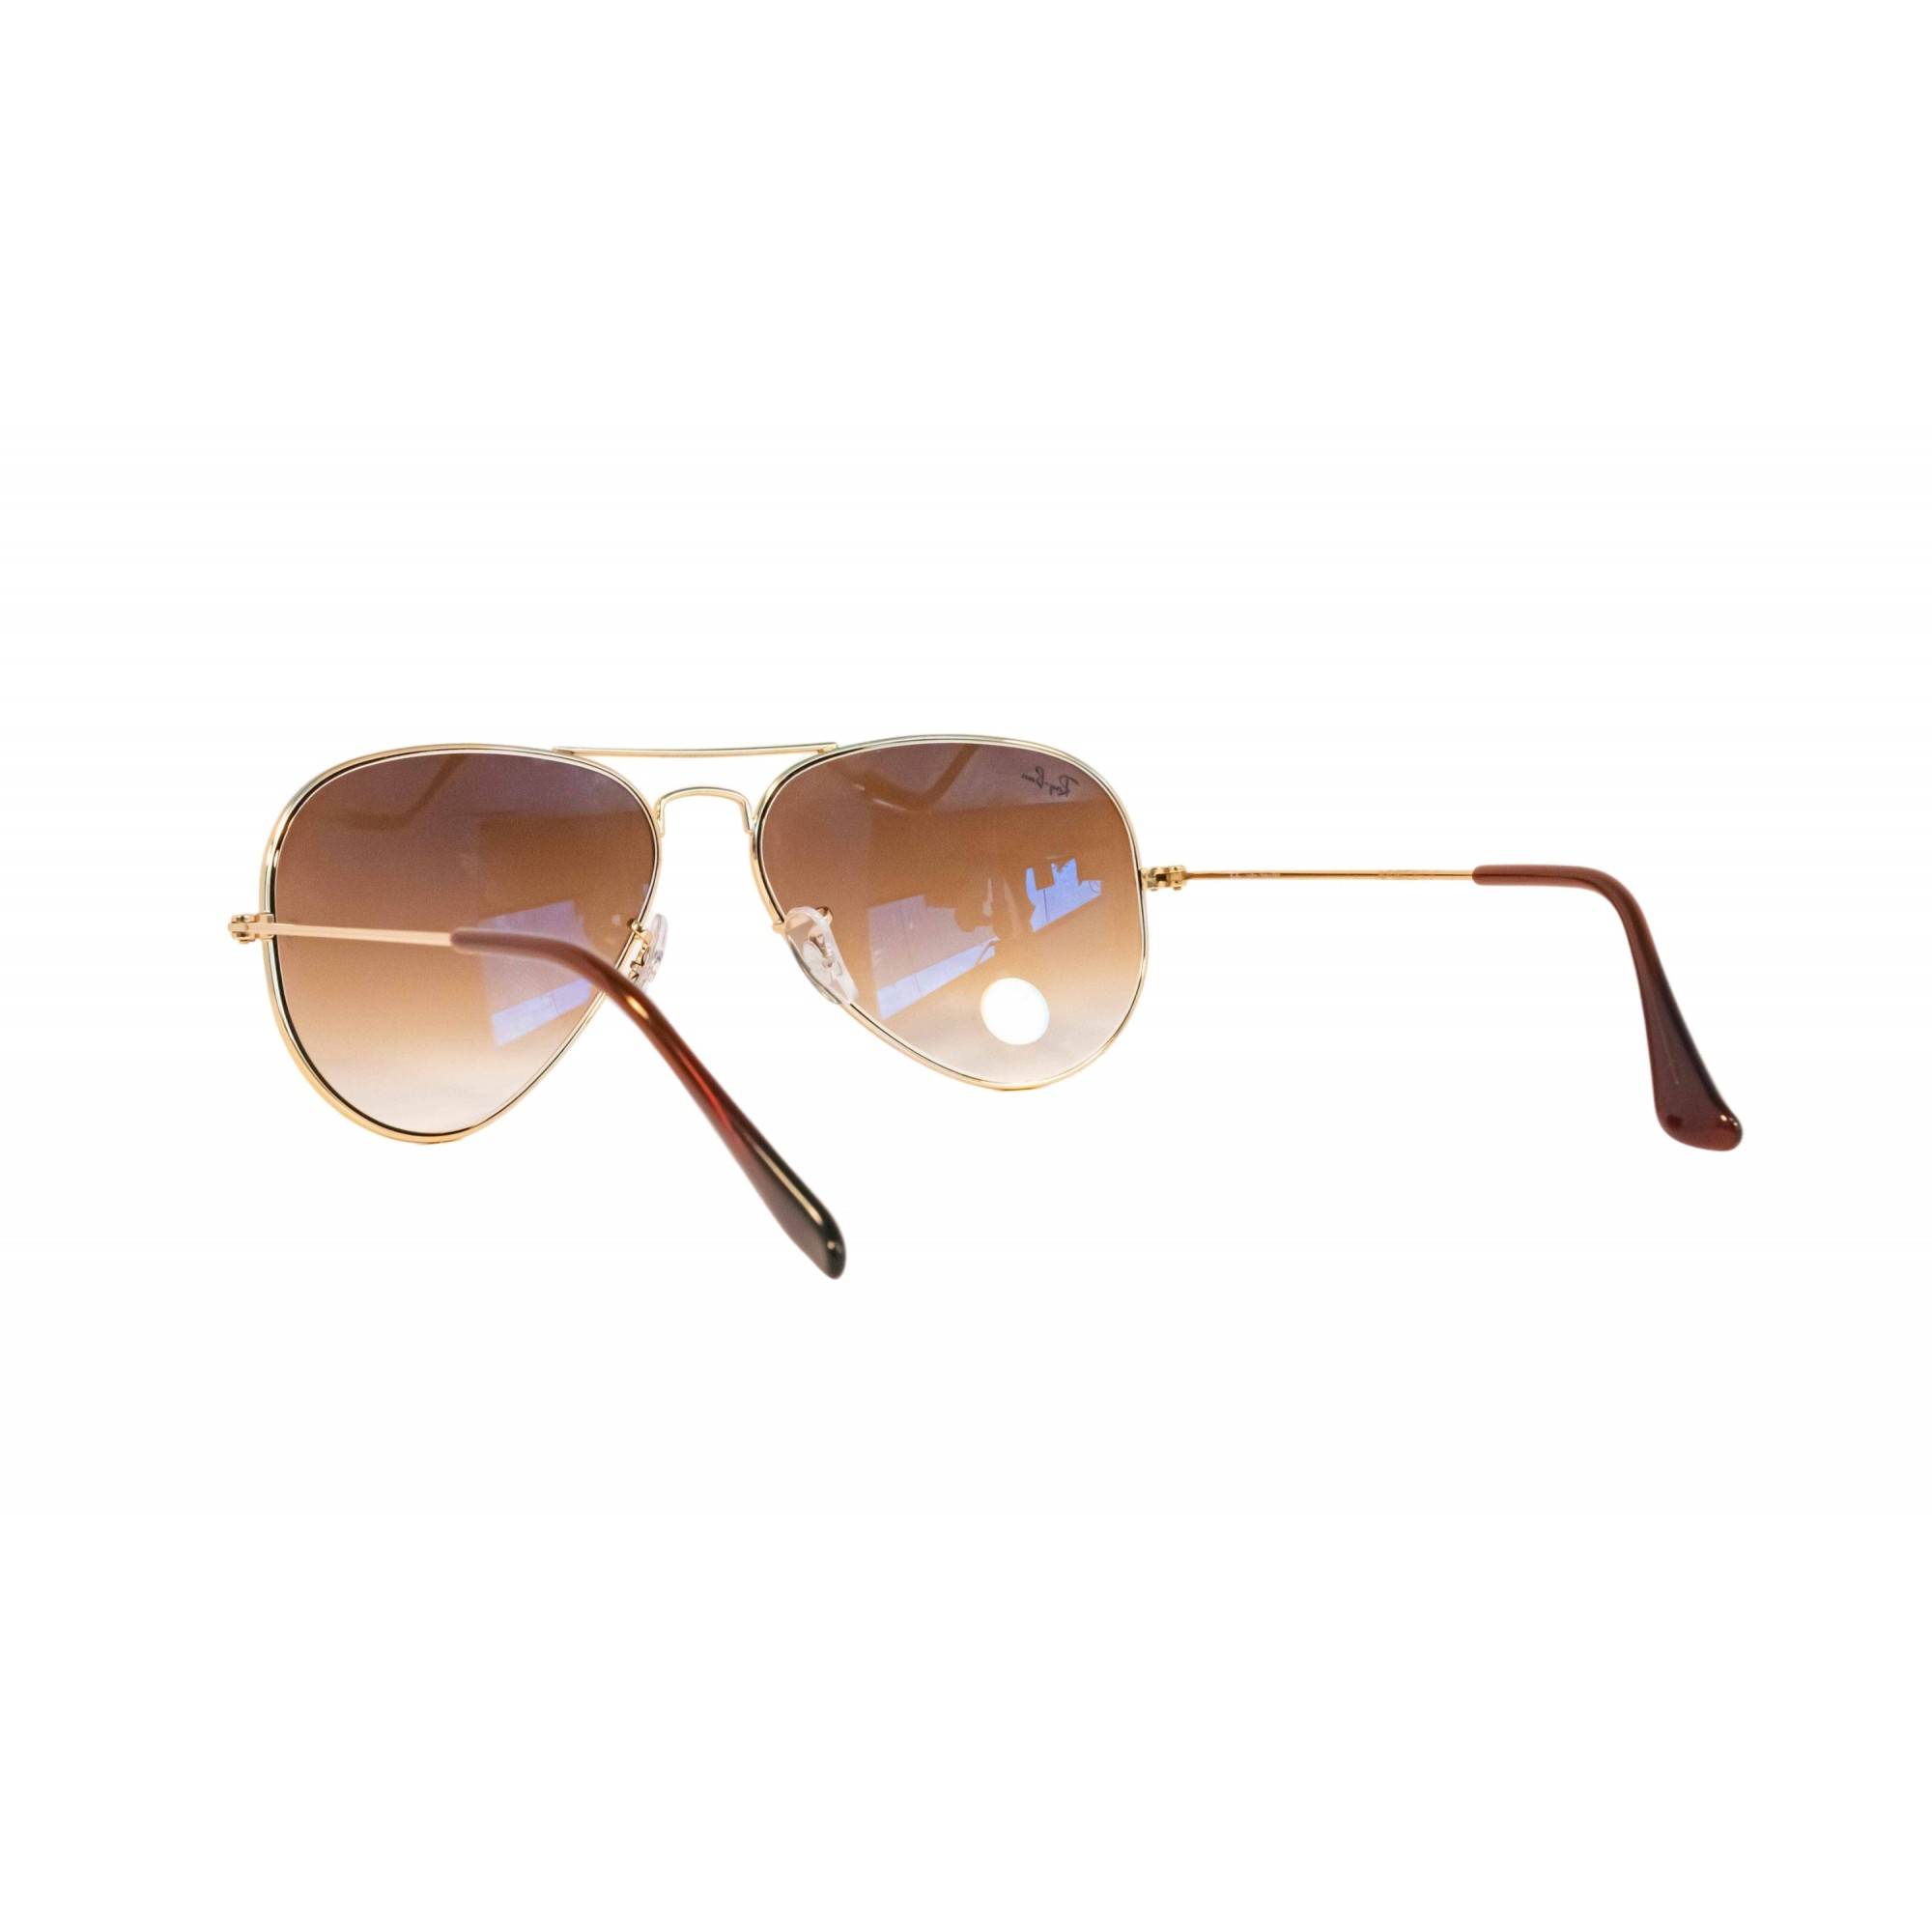 Óculos Ray Ban Aviador 3025l 00151 58 Dourado